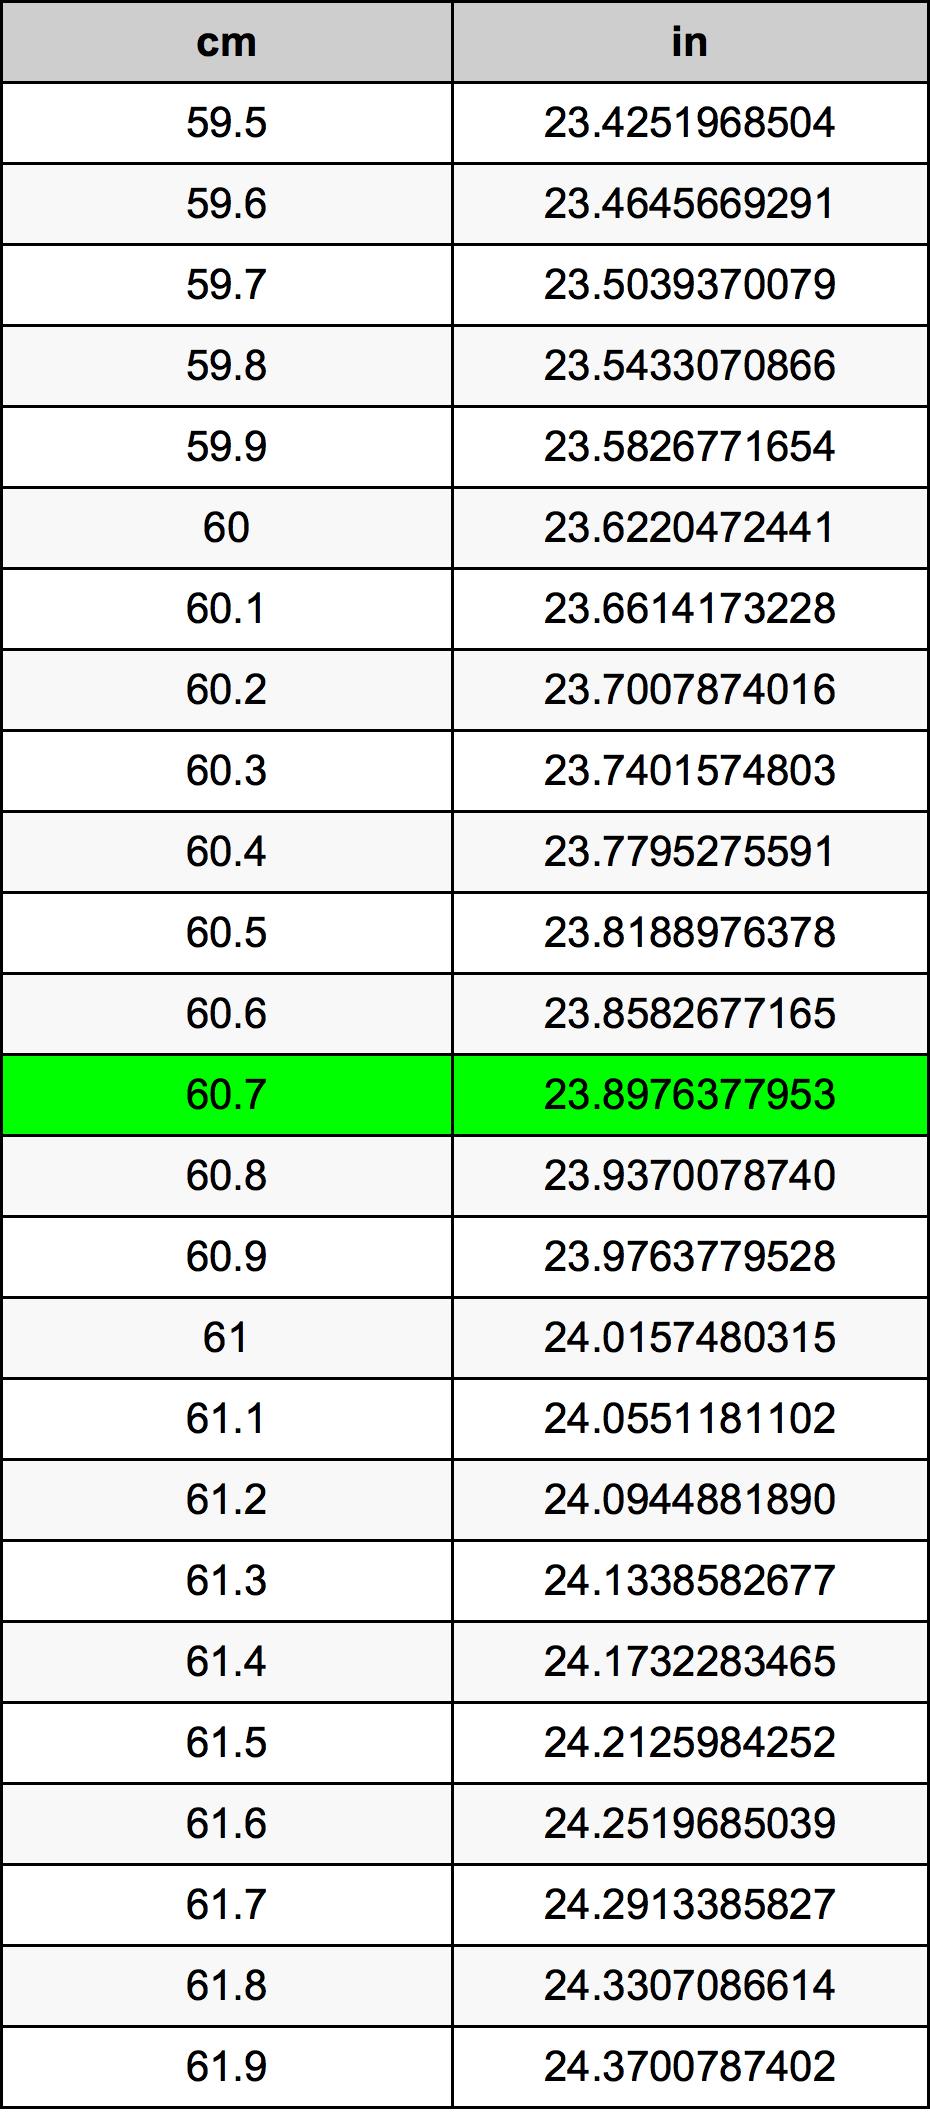 60.7 सेंटीमीटर रूपांतरण सारणी